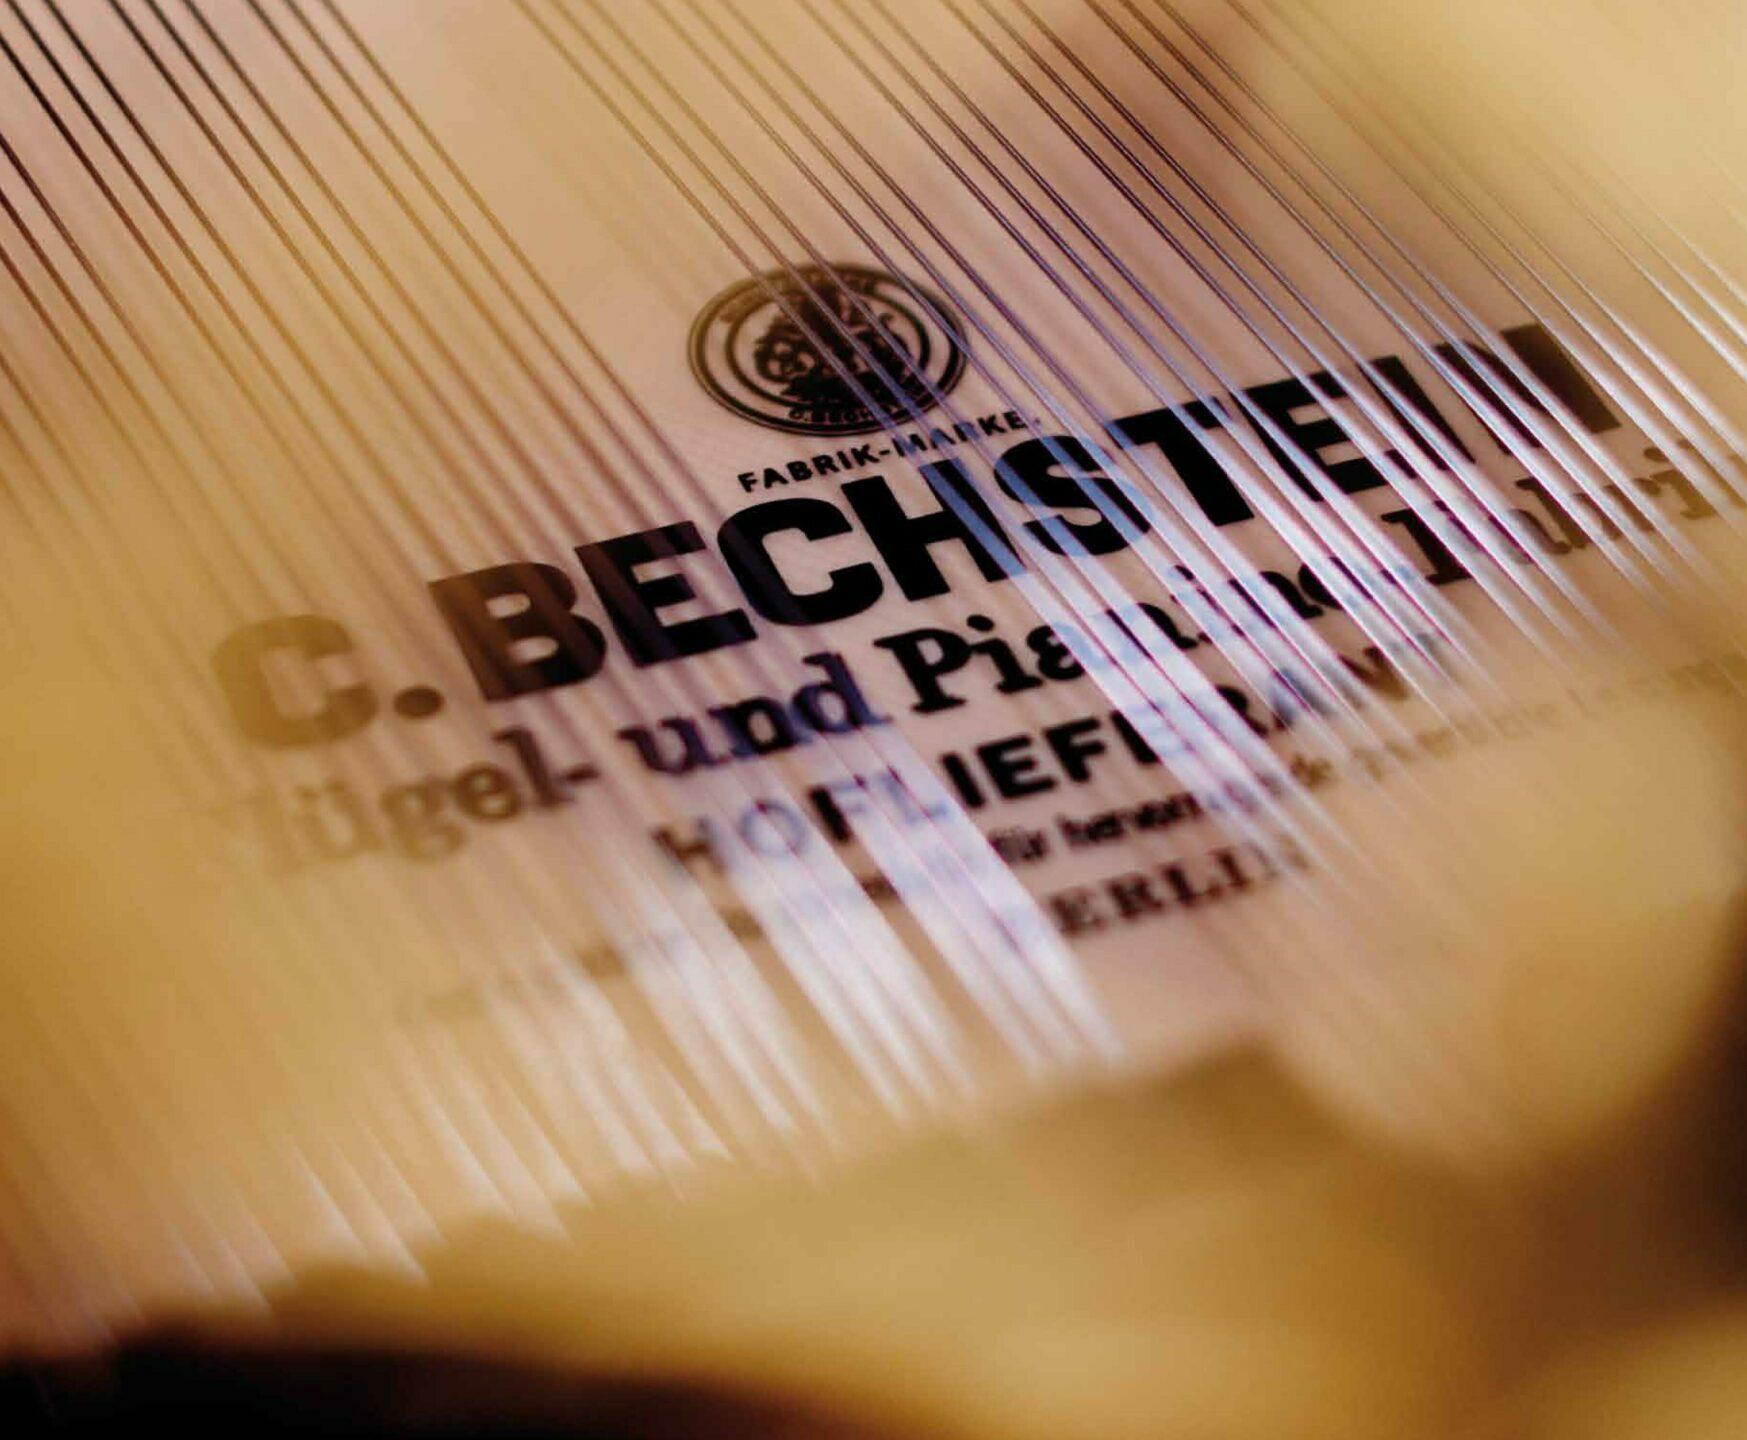 c. bechstein, manuel bernaschek, showcase pianos, helen siwak, coleman pete, vancouver, bc, vancity, yvr, luxury, lifestyle, folioyvr, ecoluxluv